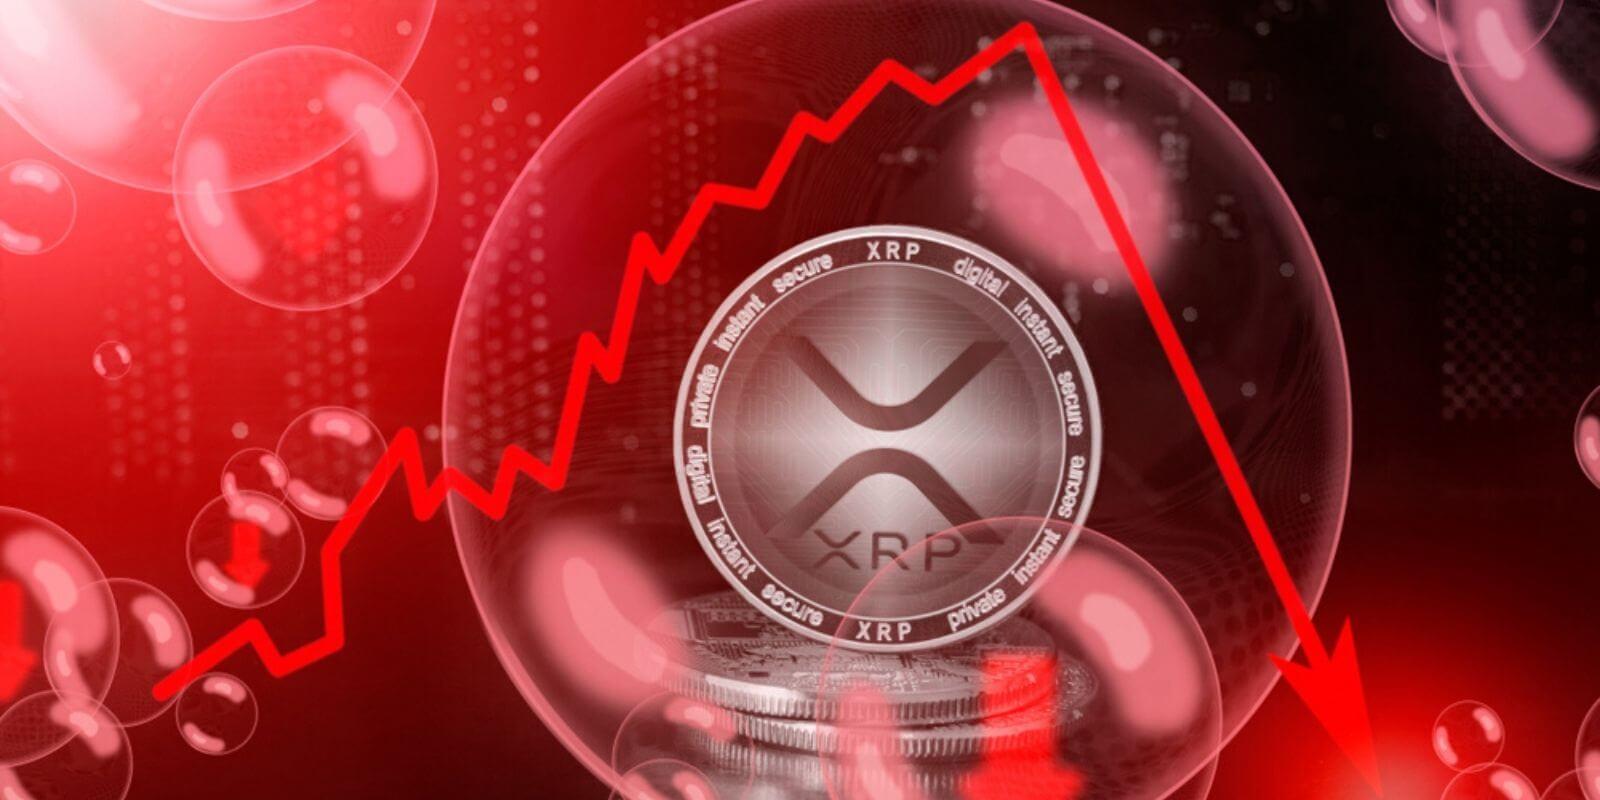 Chute du XRP: pas de répit en vue selon plusieurs analyses